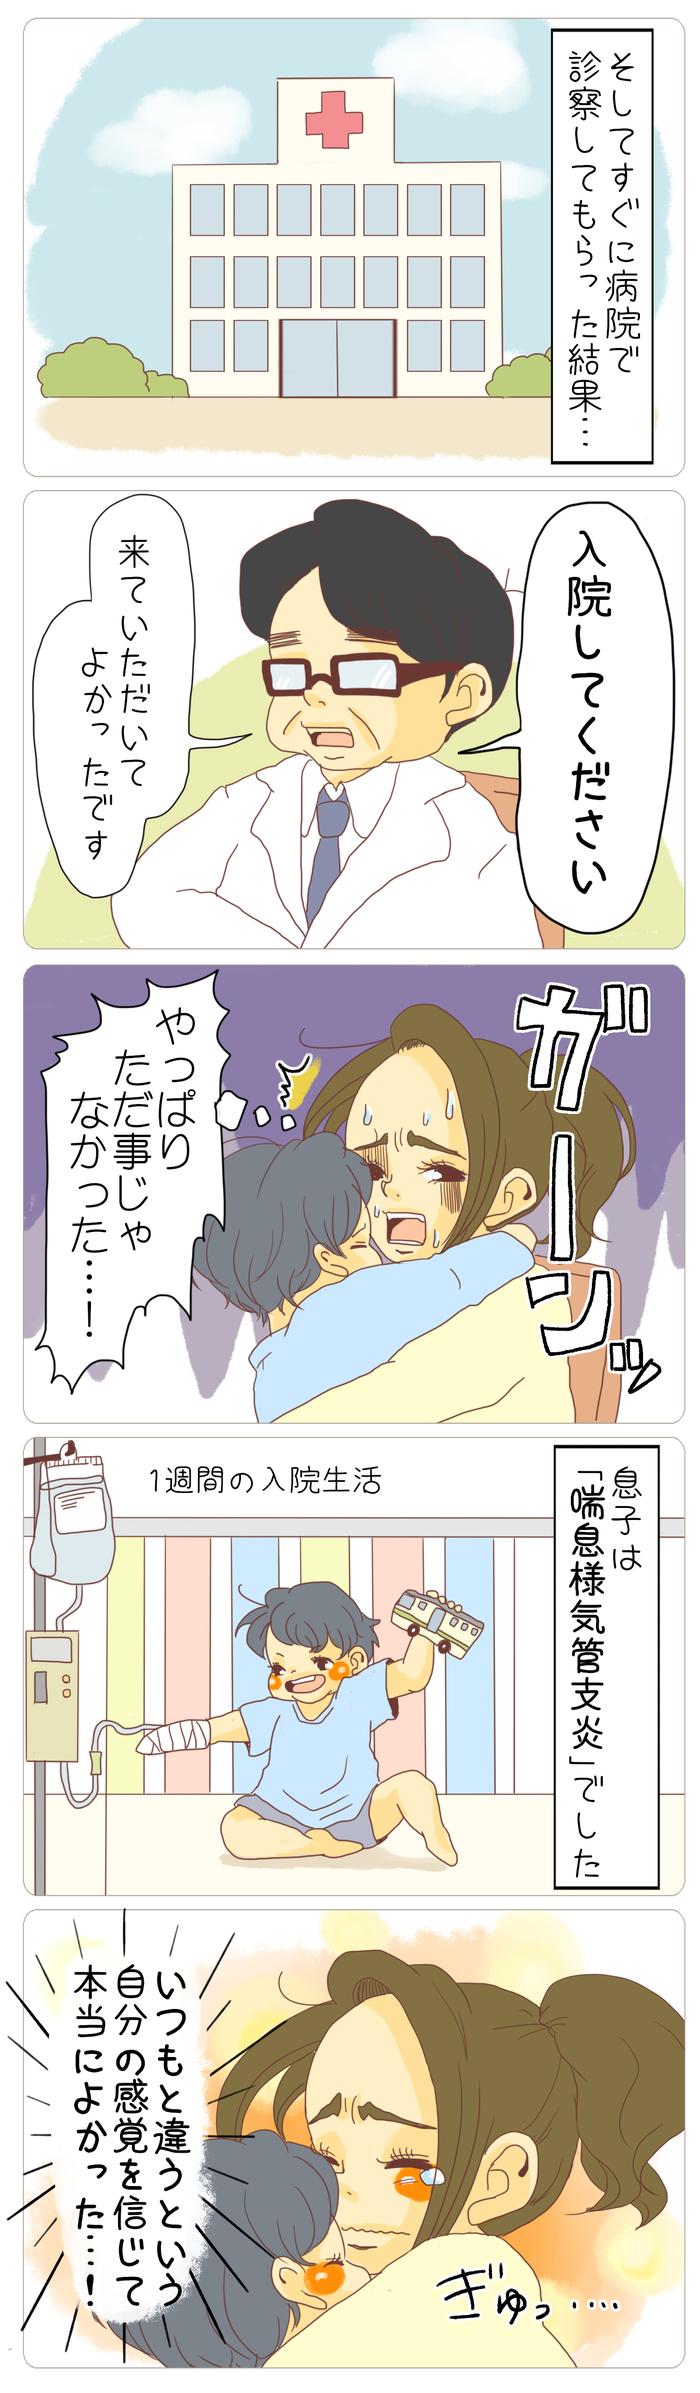 「いつもの風邪?でも、何か様子がおかしい…」という親の勘、やっぱり侮れない!の画像2